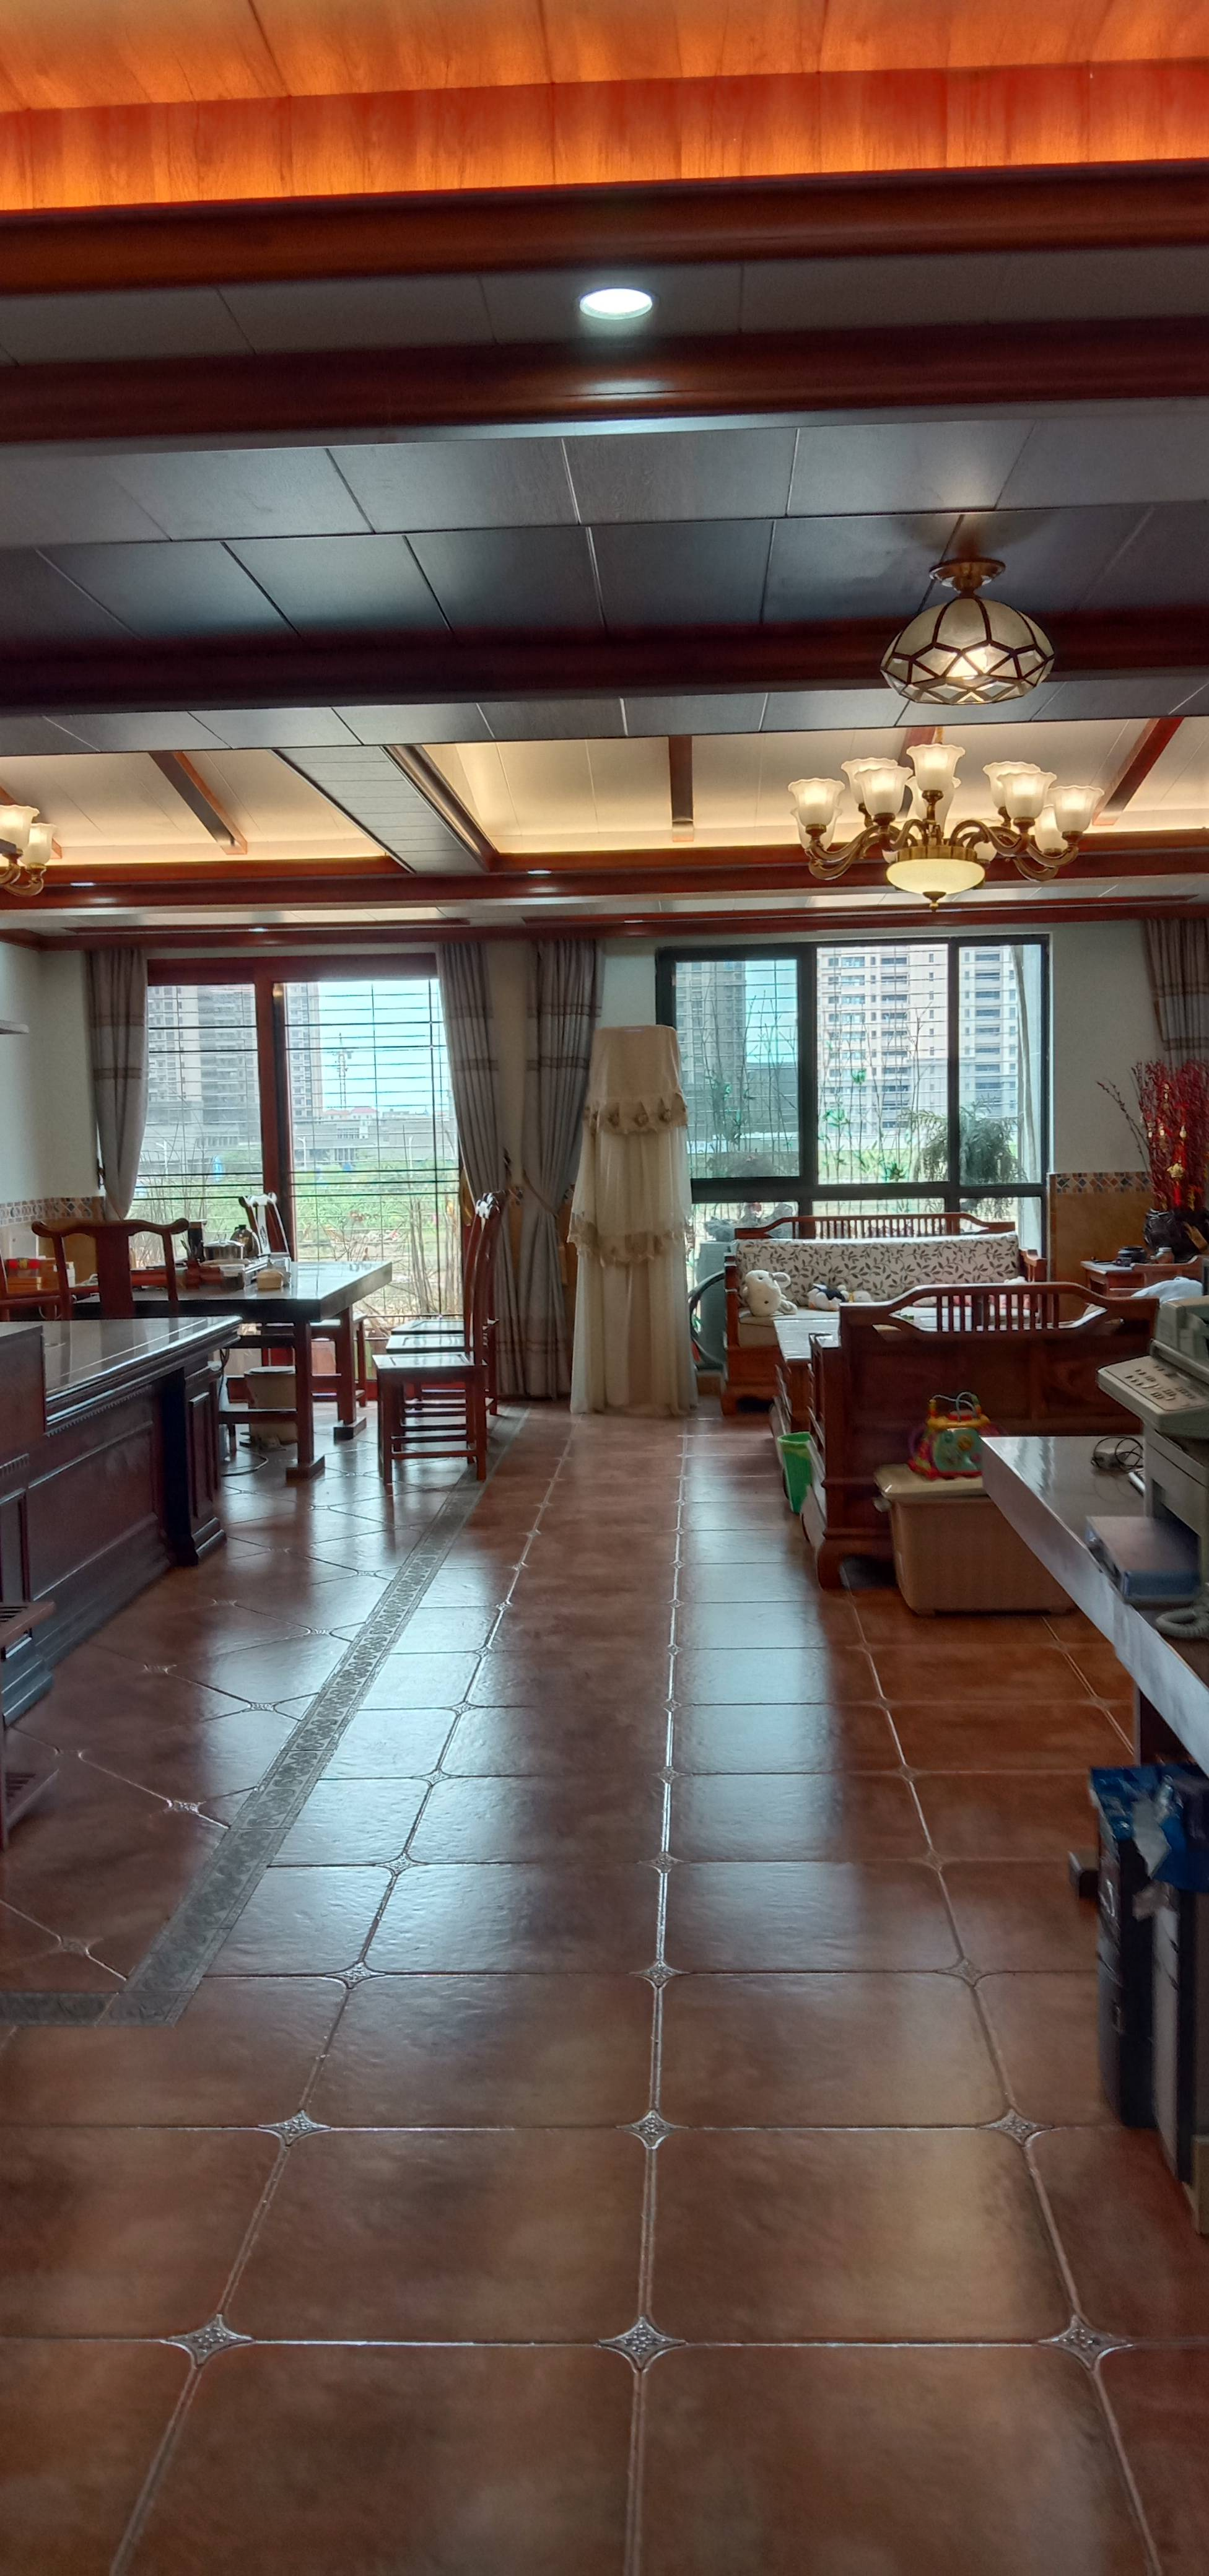 中央第一街4室3厅3卫170.00平方108.00万